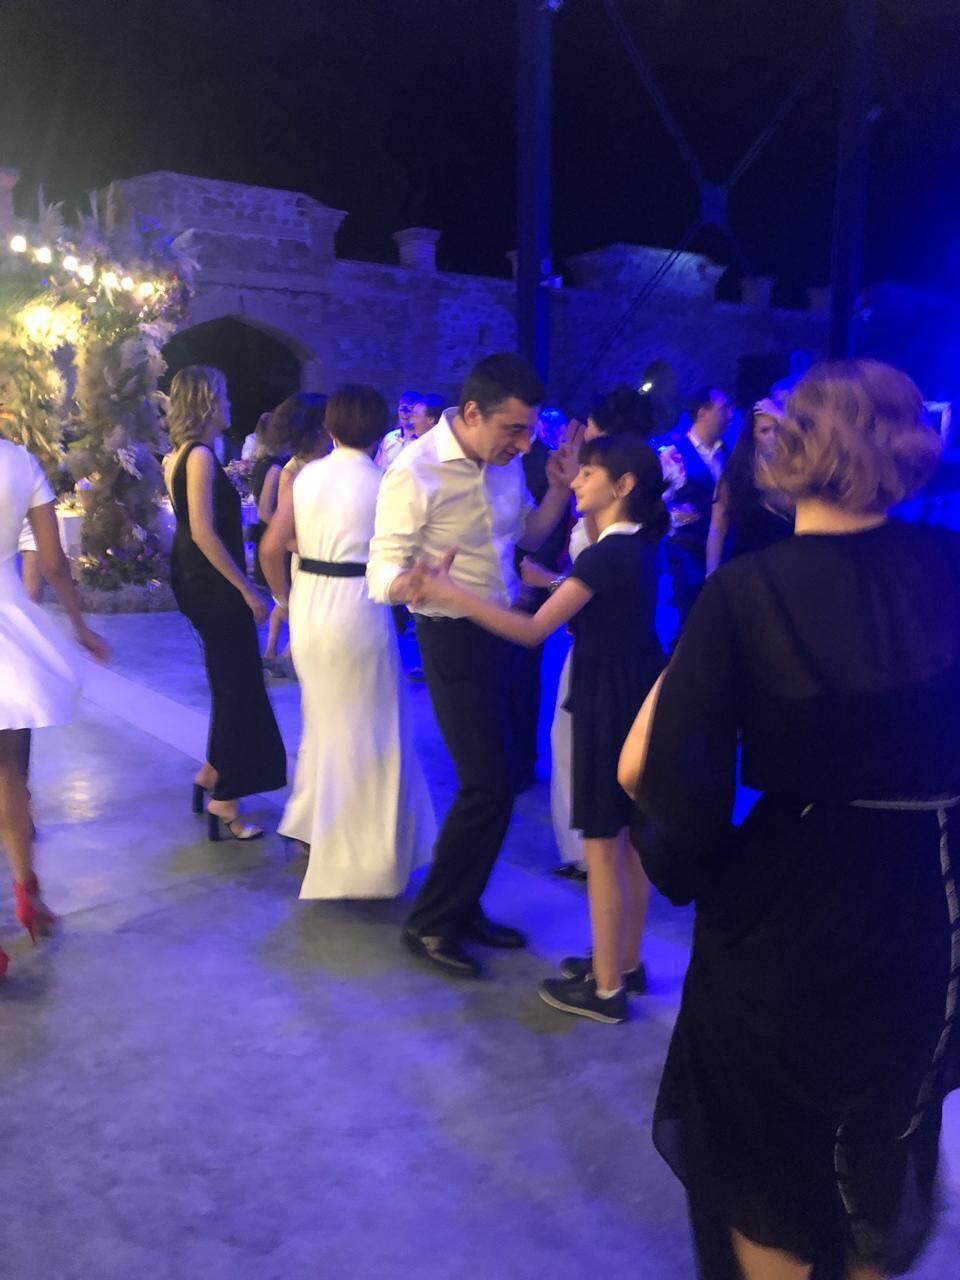 კახი კალაძის და ანუკი არეშიძის ქორწილი და აცეკვებული შს მინისტრი ქალიშვილთან ერთად